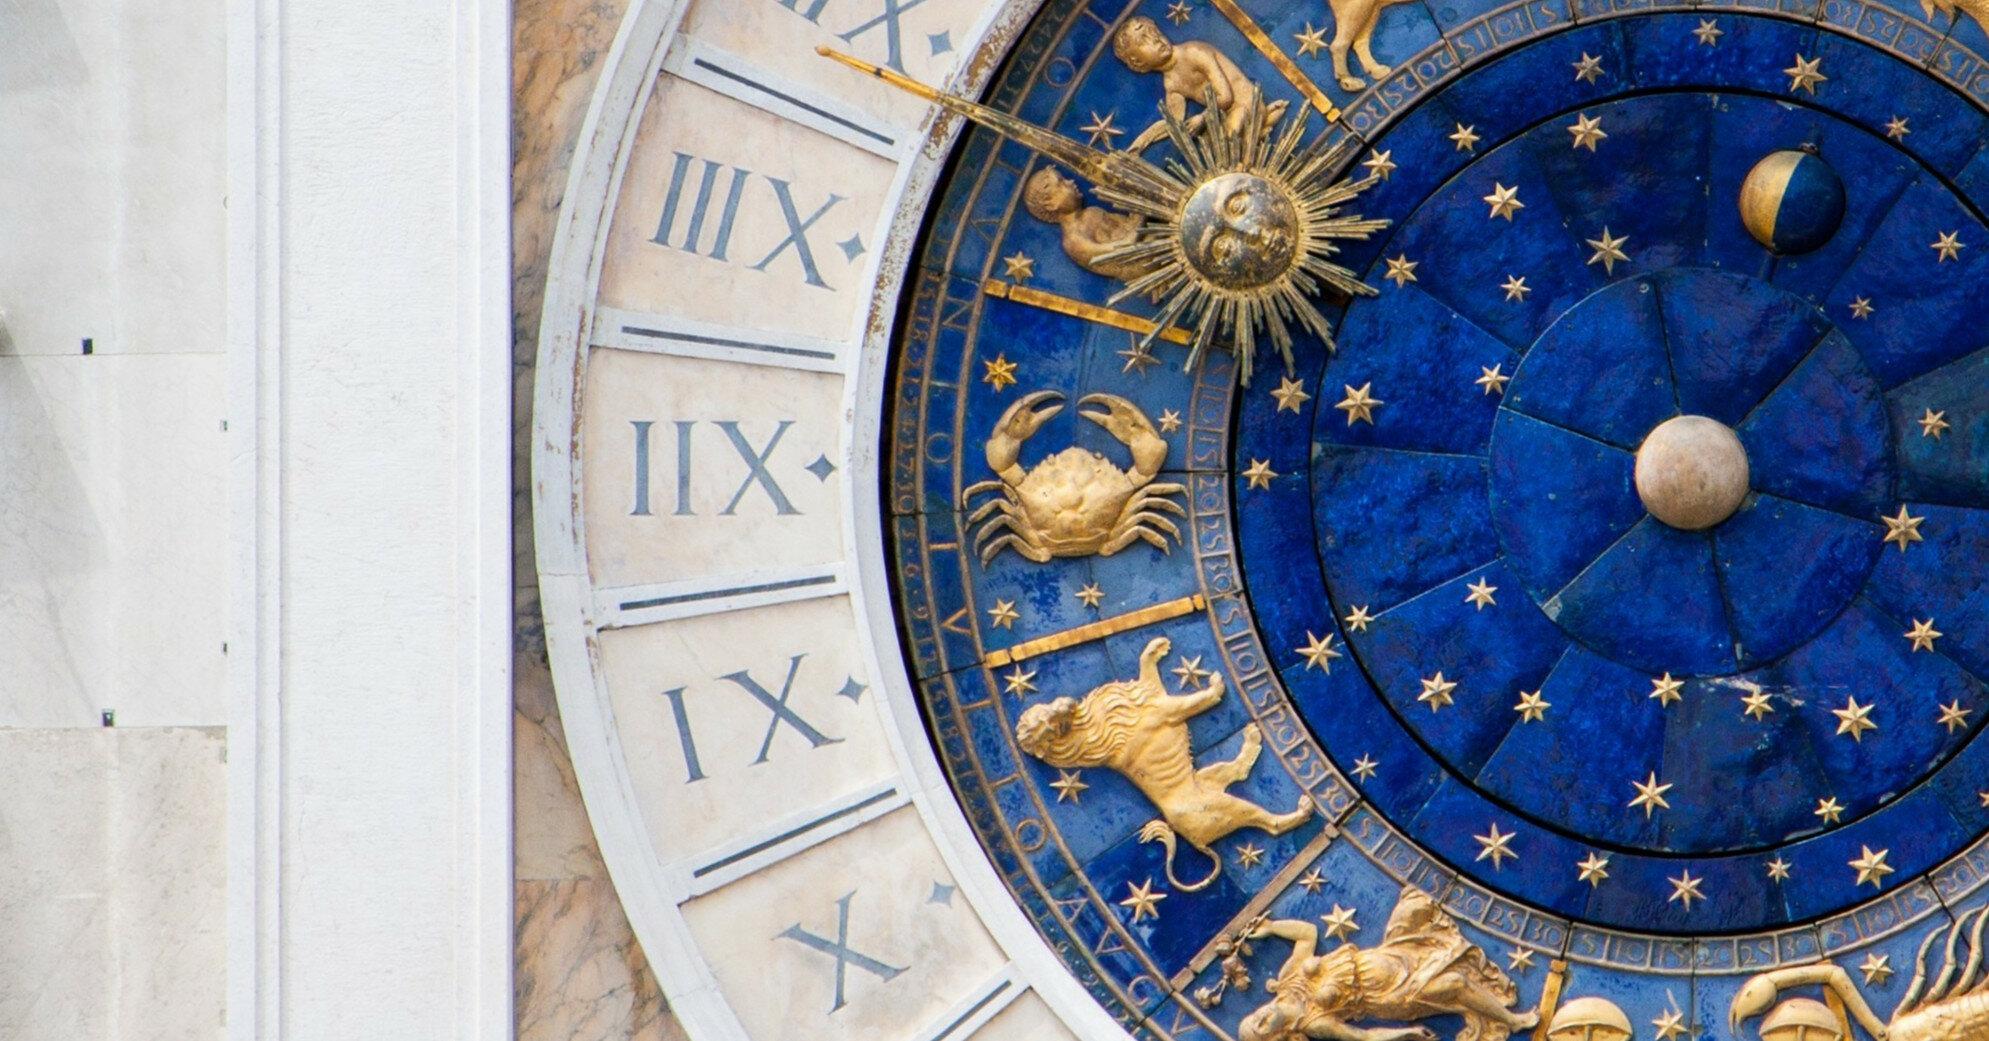 Овнам повезет в постели, а Ракам – на работе: гороскоп на 9 июня